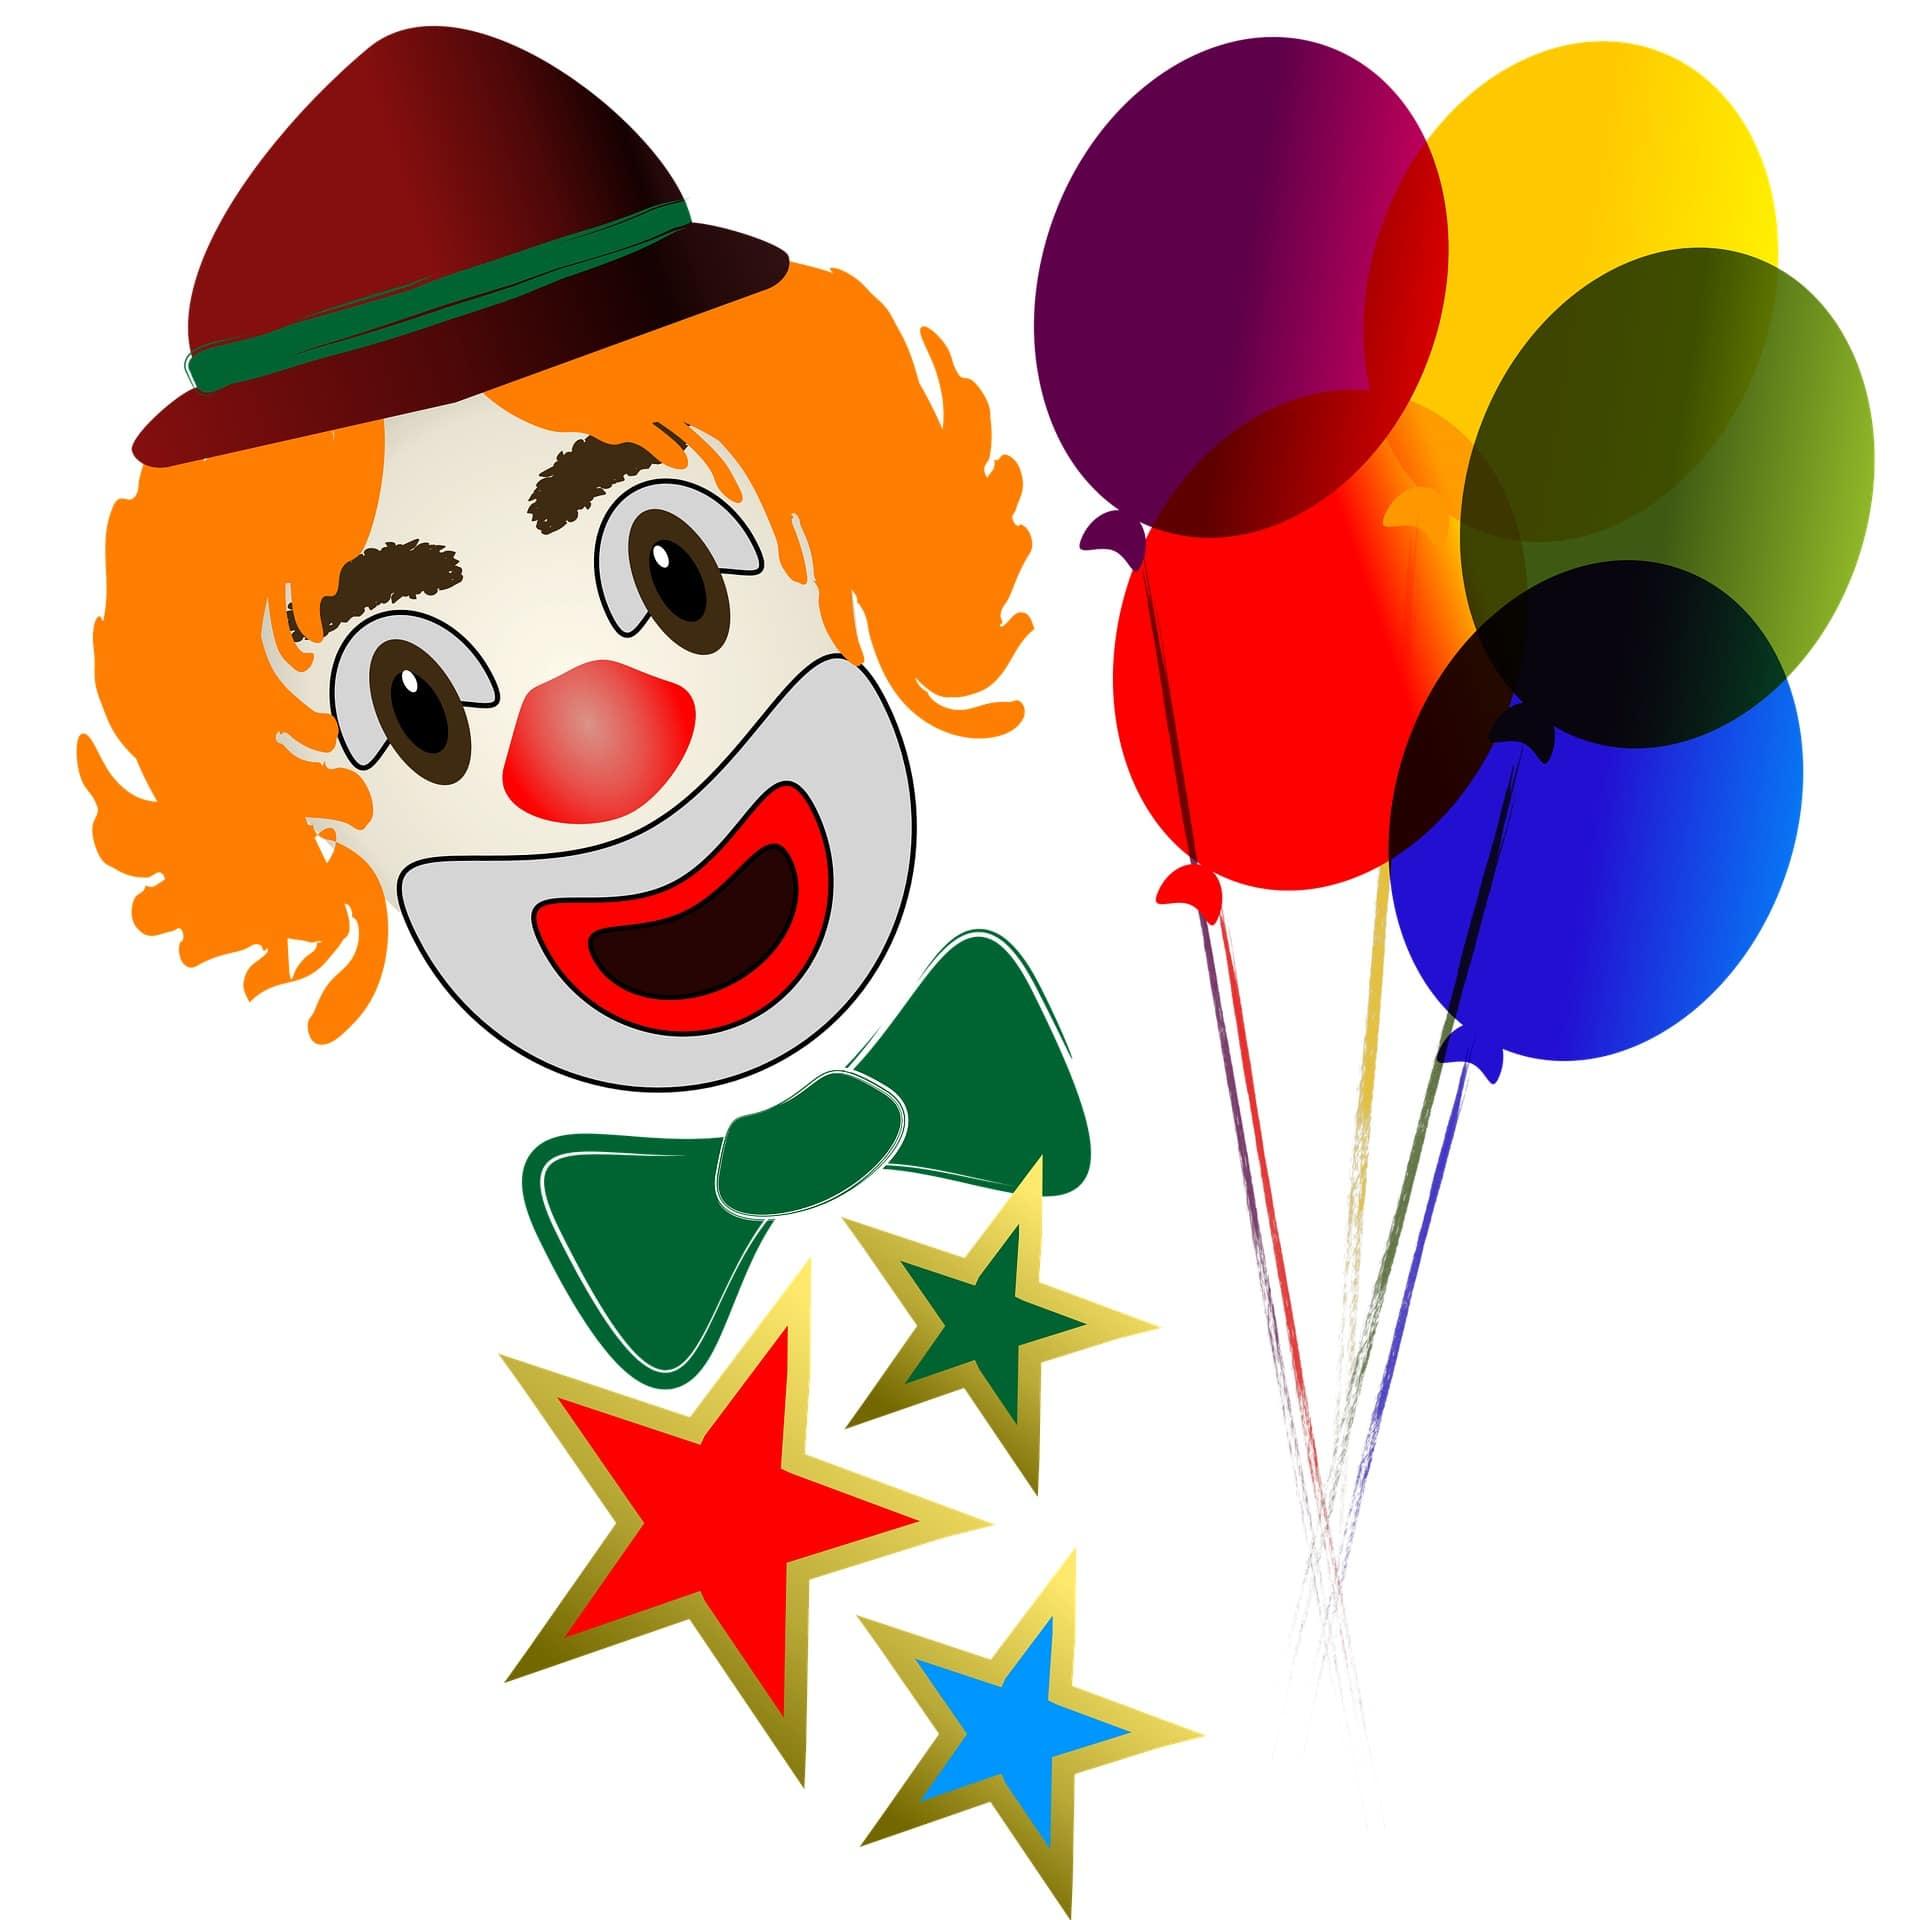 Детский праздник с красивыми разноцветными шарами